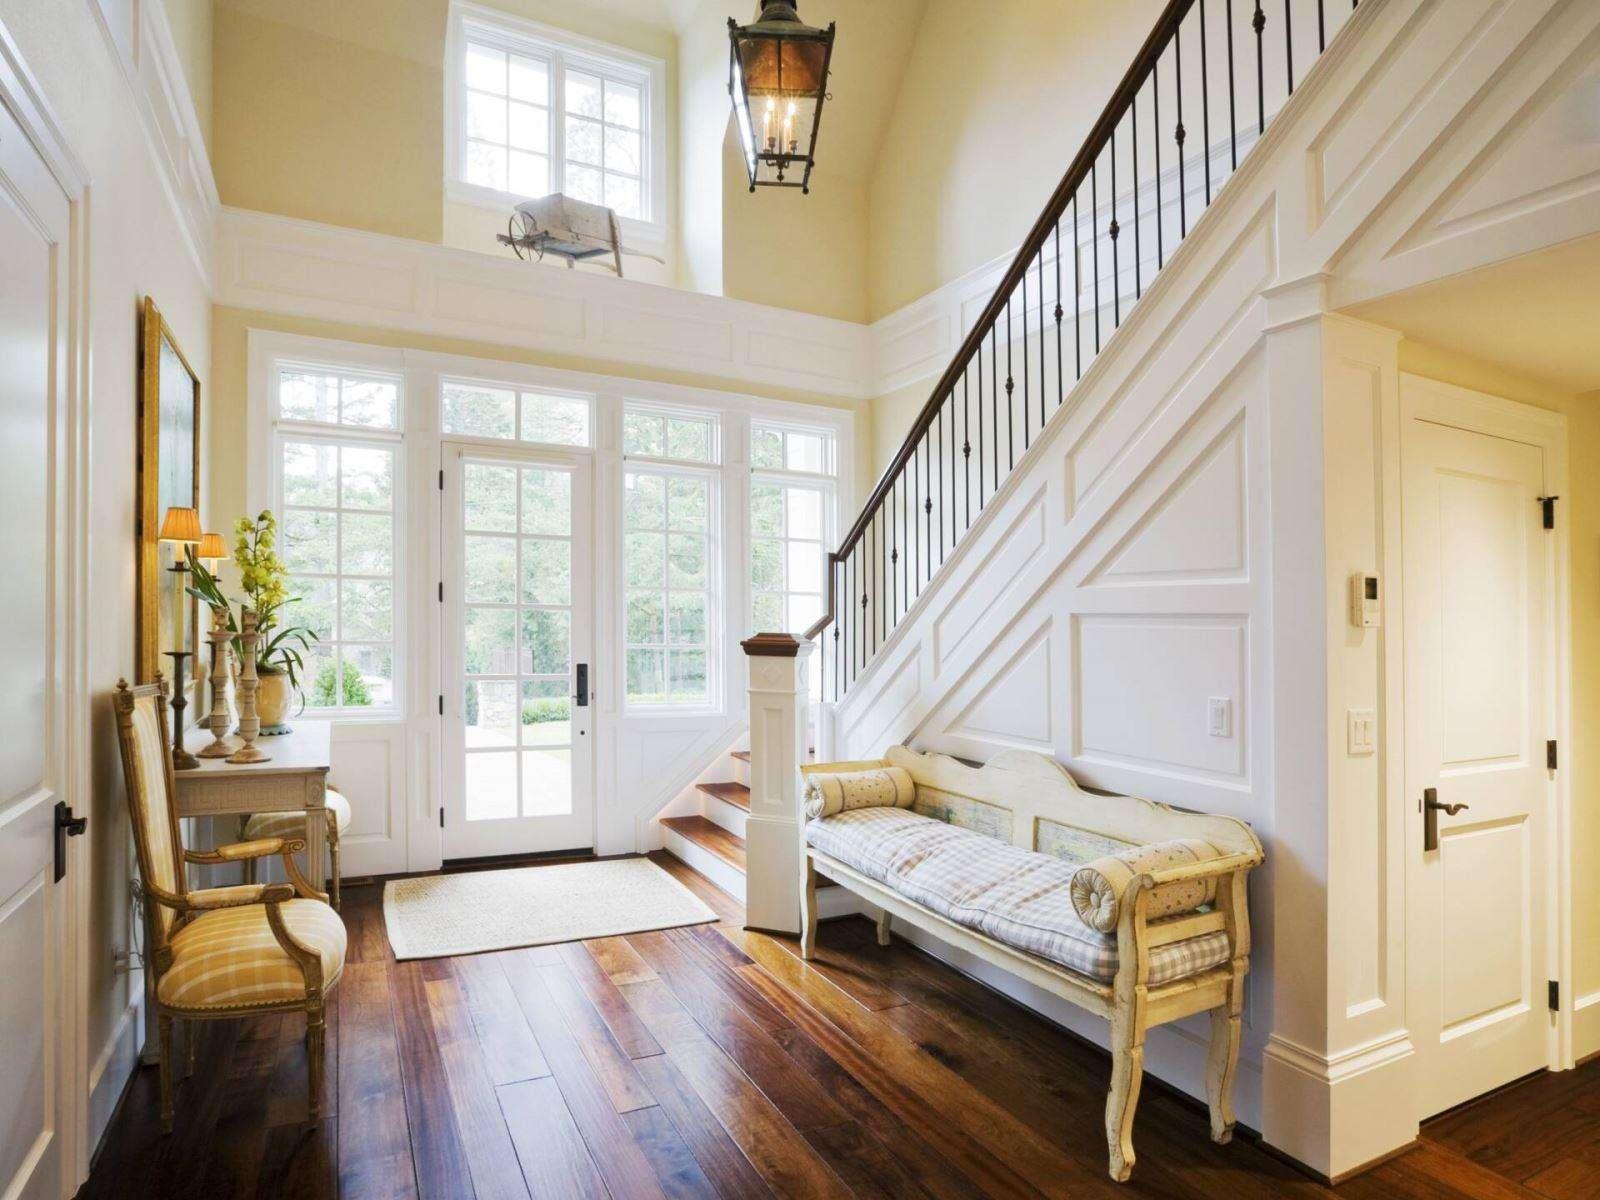 Cầu thang không hướng ra cửa chính.